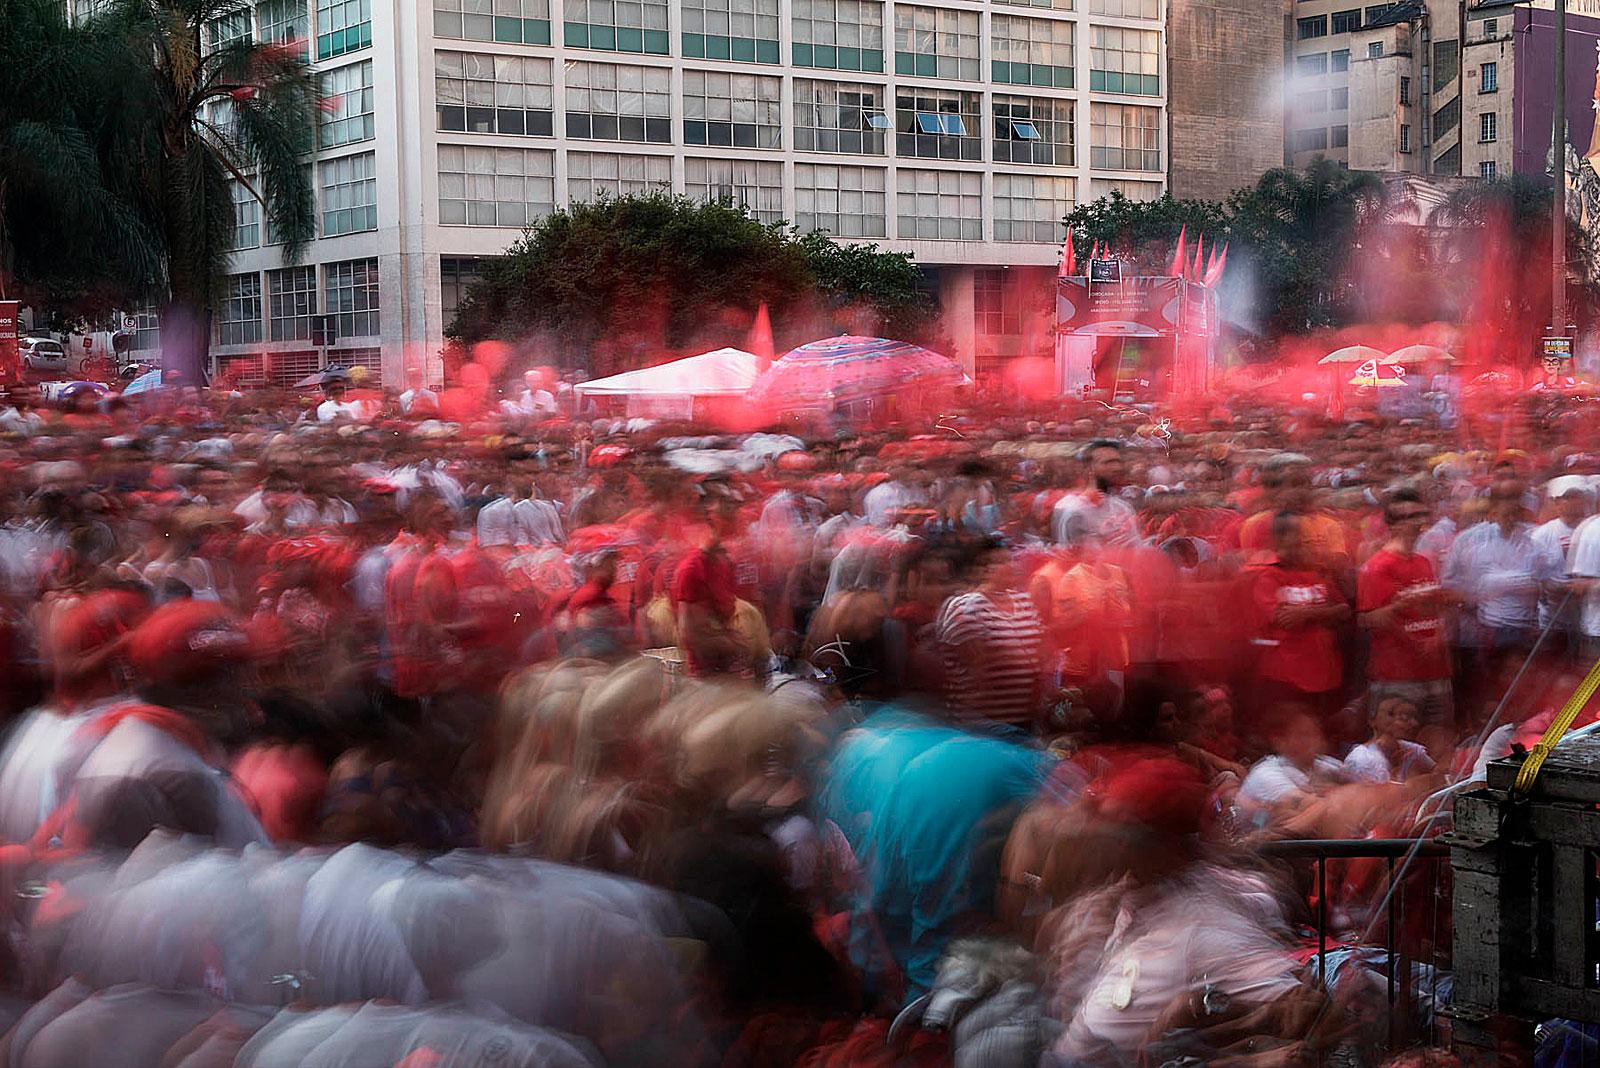 Manifestação, Vale do Anhangabaú (18.12 - 18.24 Uhr, 17.4.2016)